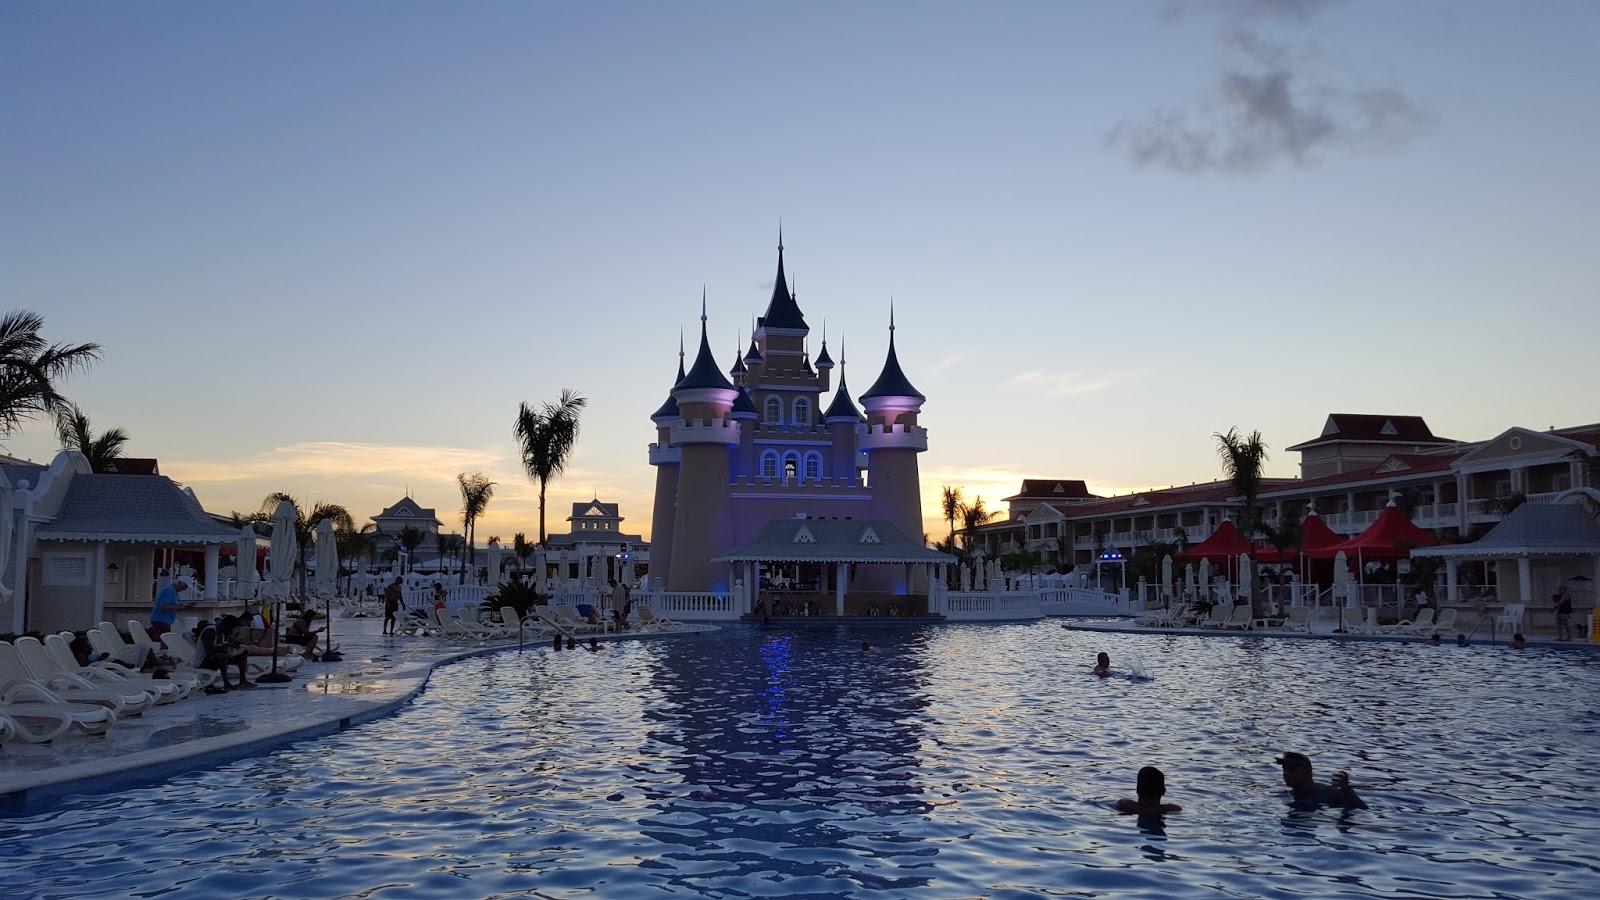 Dominikana hotel Punta cana